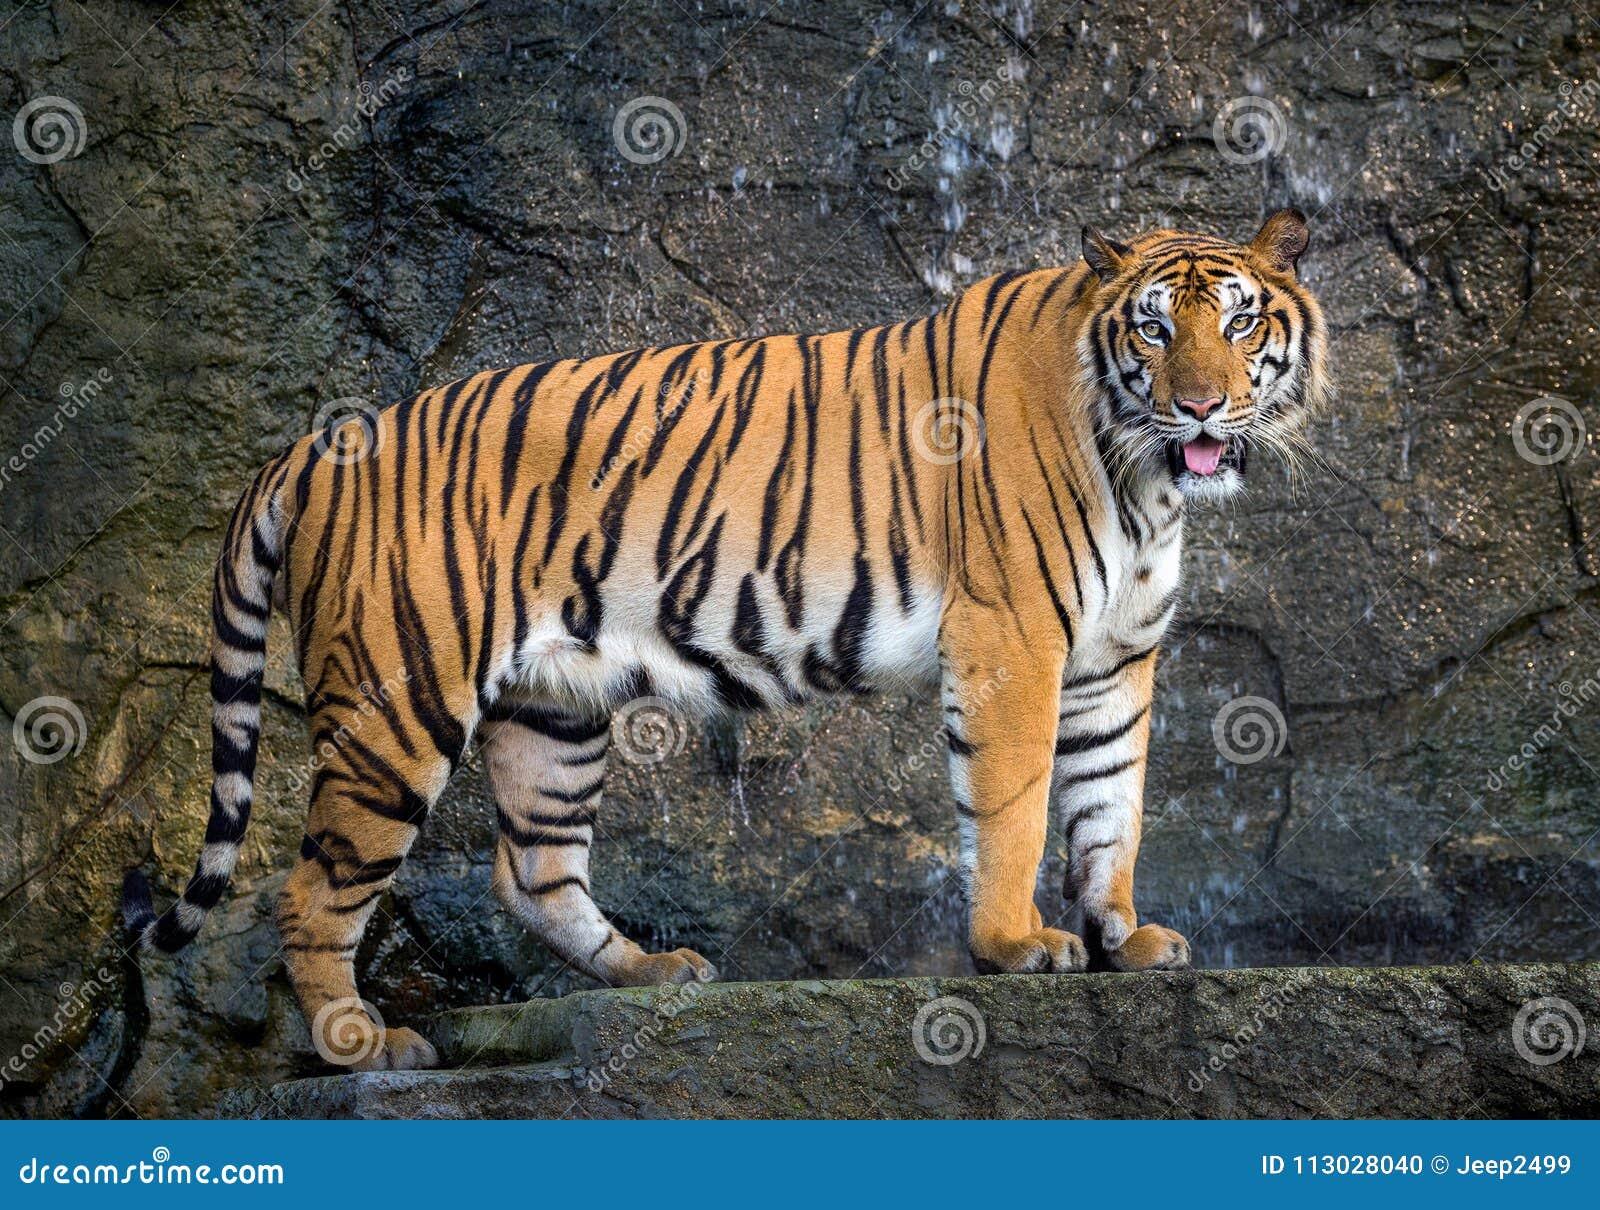 El tigre de Sumatra se está colocando en la atmósfera natural del parque zoológico